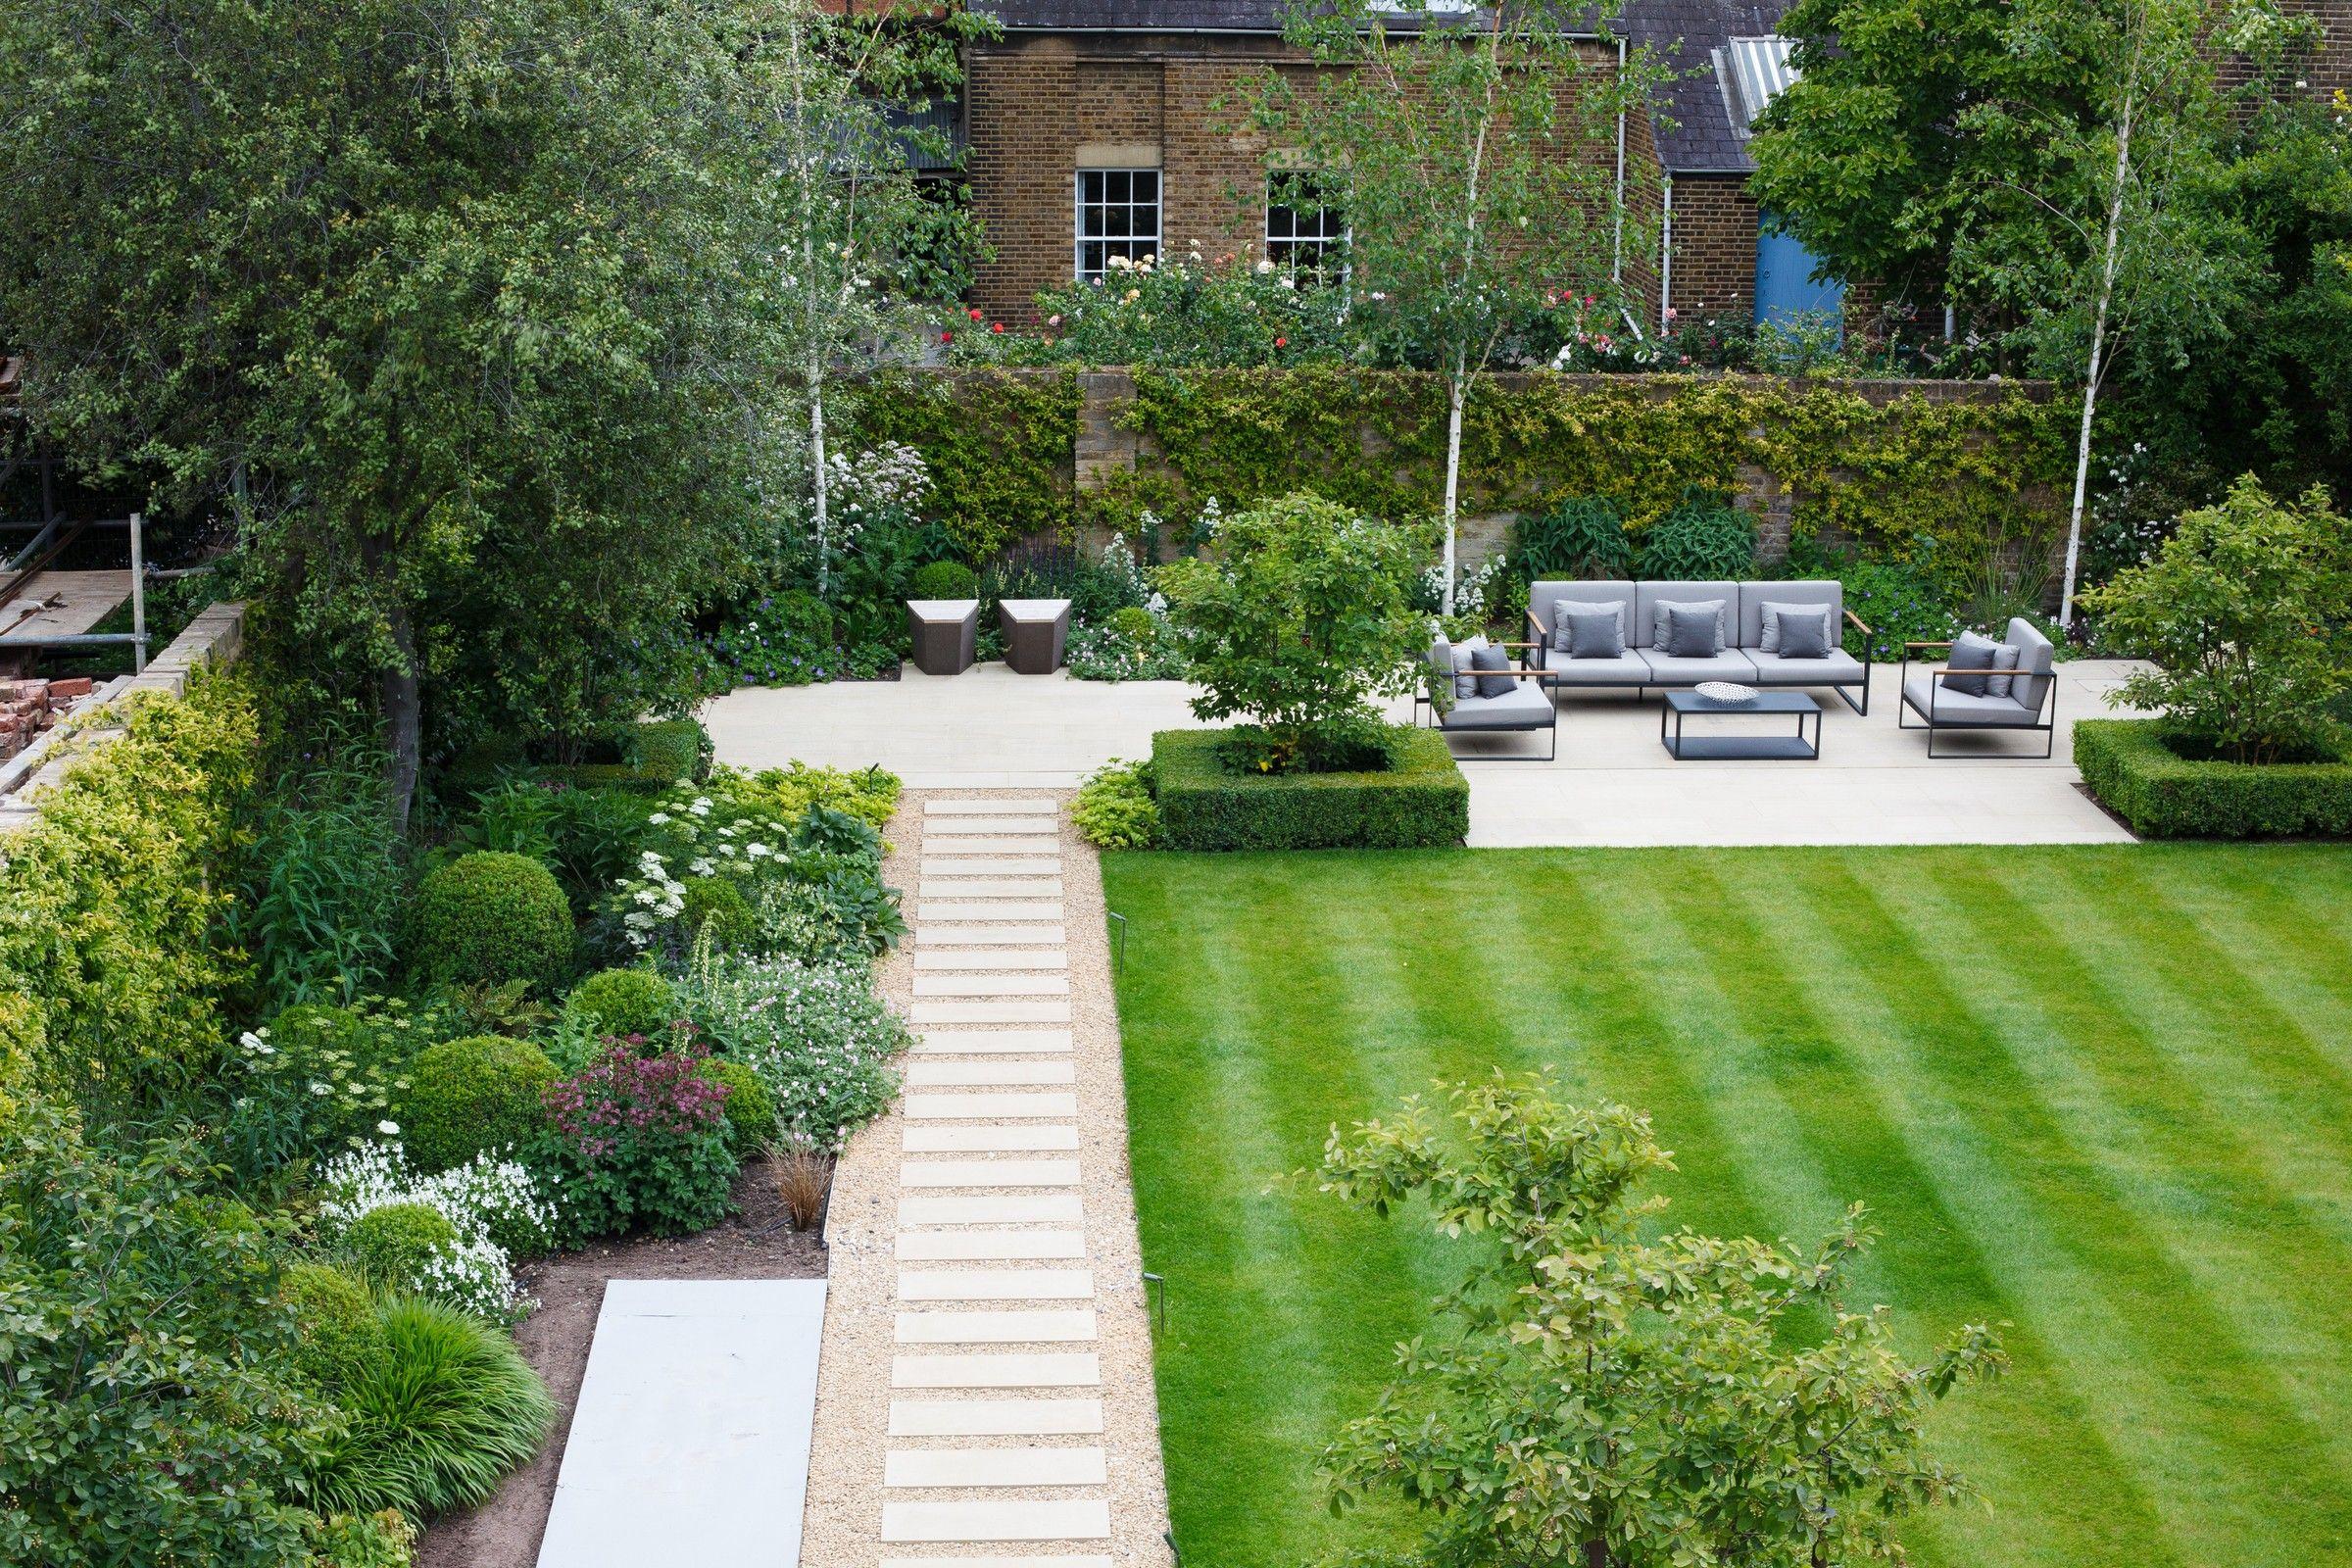 How To Design A Garden Garden Design Ideas